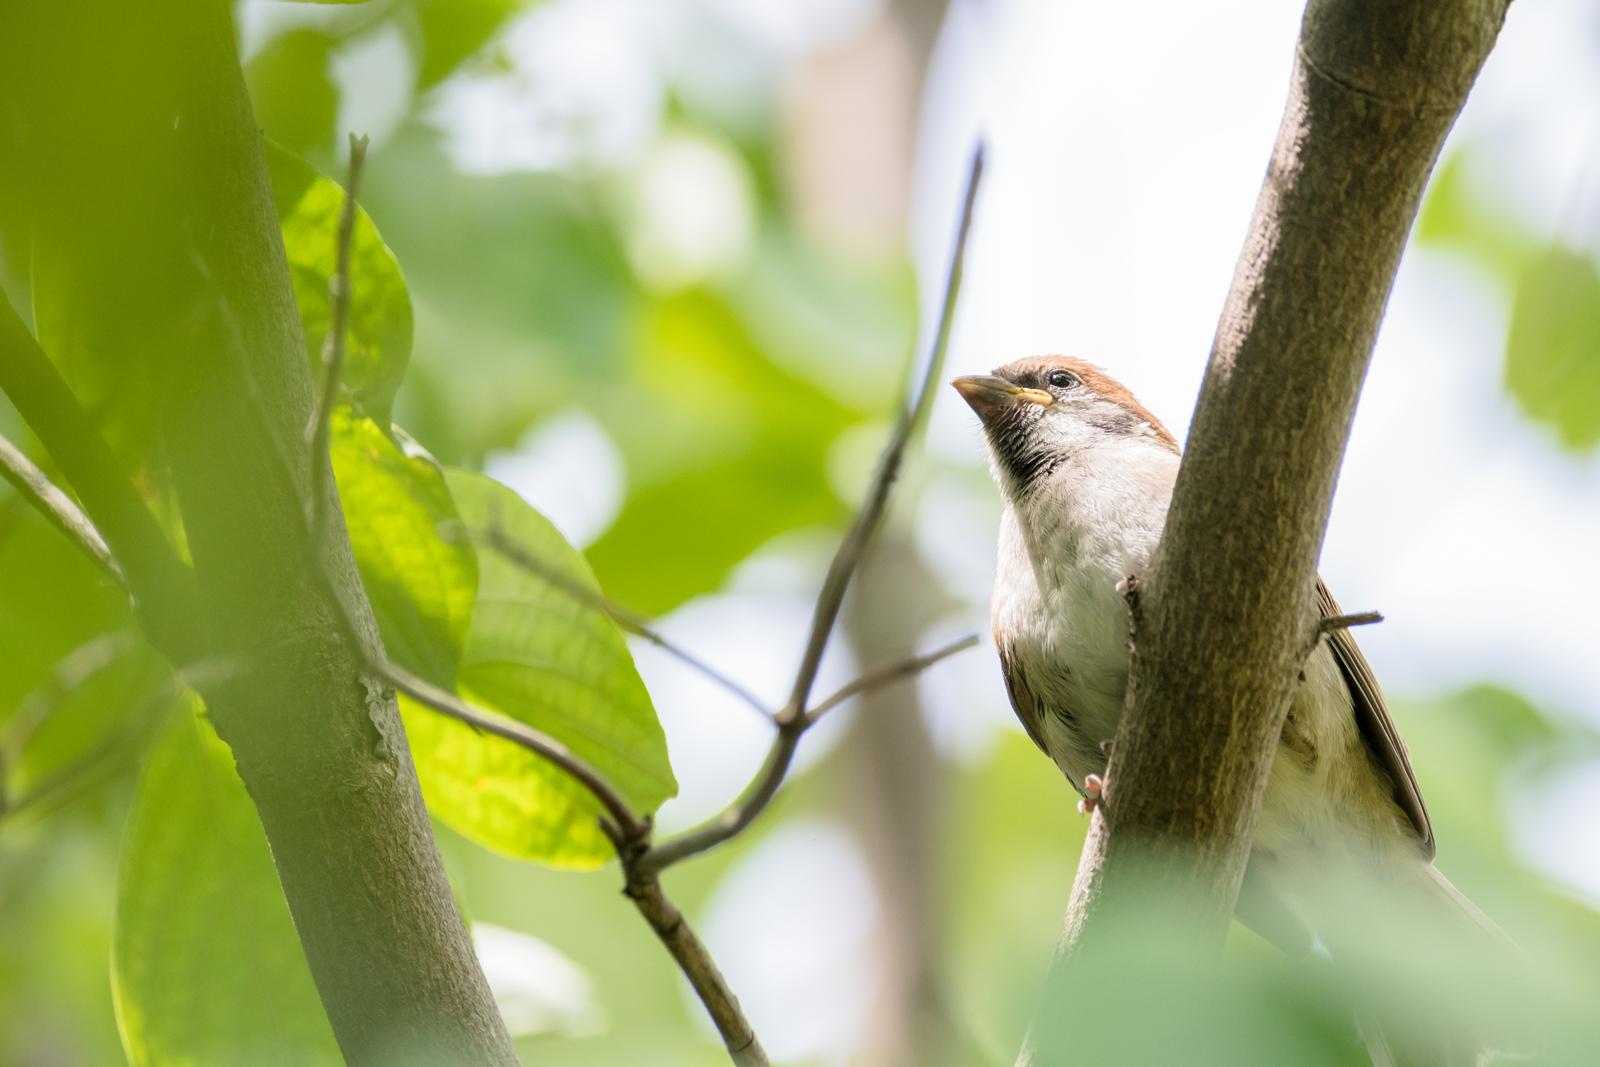 Photo: 「楽しみ」 / Pleasure.  わくわく 少しずつ少しずつ 好奇心が満たされていく きらきら輝く 知りたがりの瞳  Sparrow. (スズメ)  Nikon D500 SIGMA 150-600mm F5-6.3 DG OS HSM Contemporary  #birdphotography #birds #kawaii #ことり #小鳥 #nikon #sigma  ( http://takafumiooshio.com/archives/2724 )